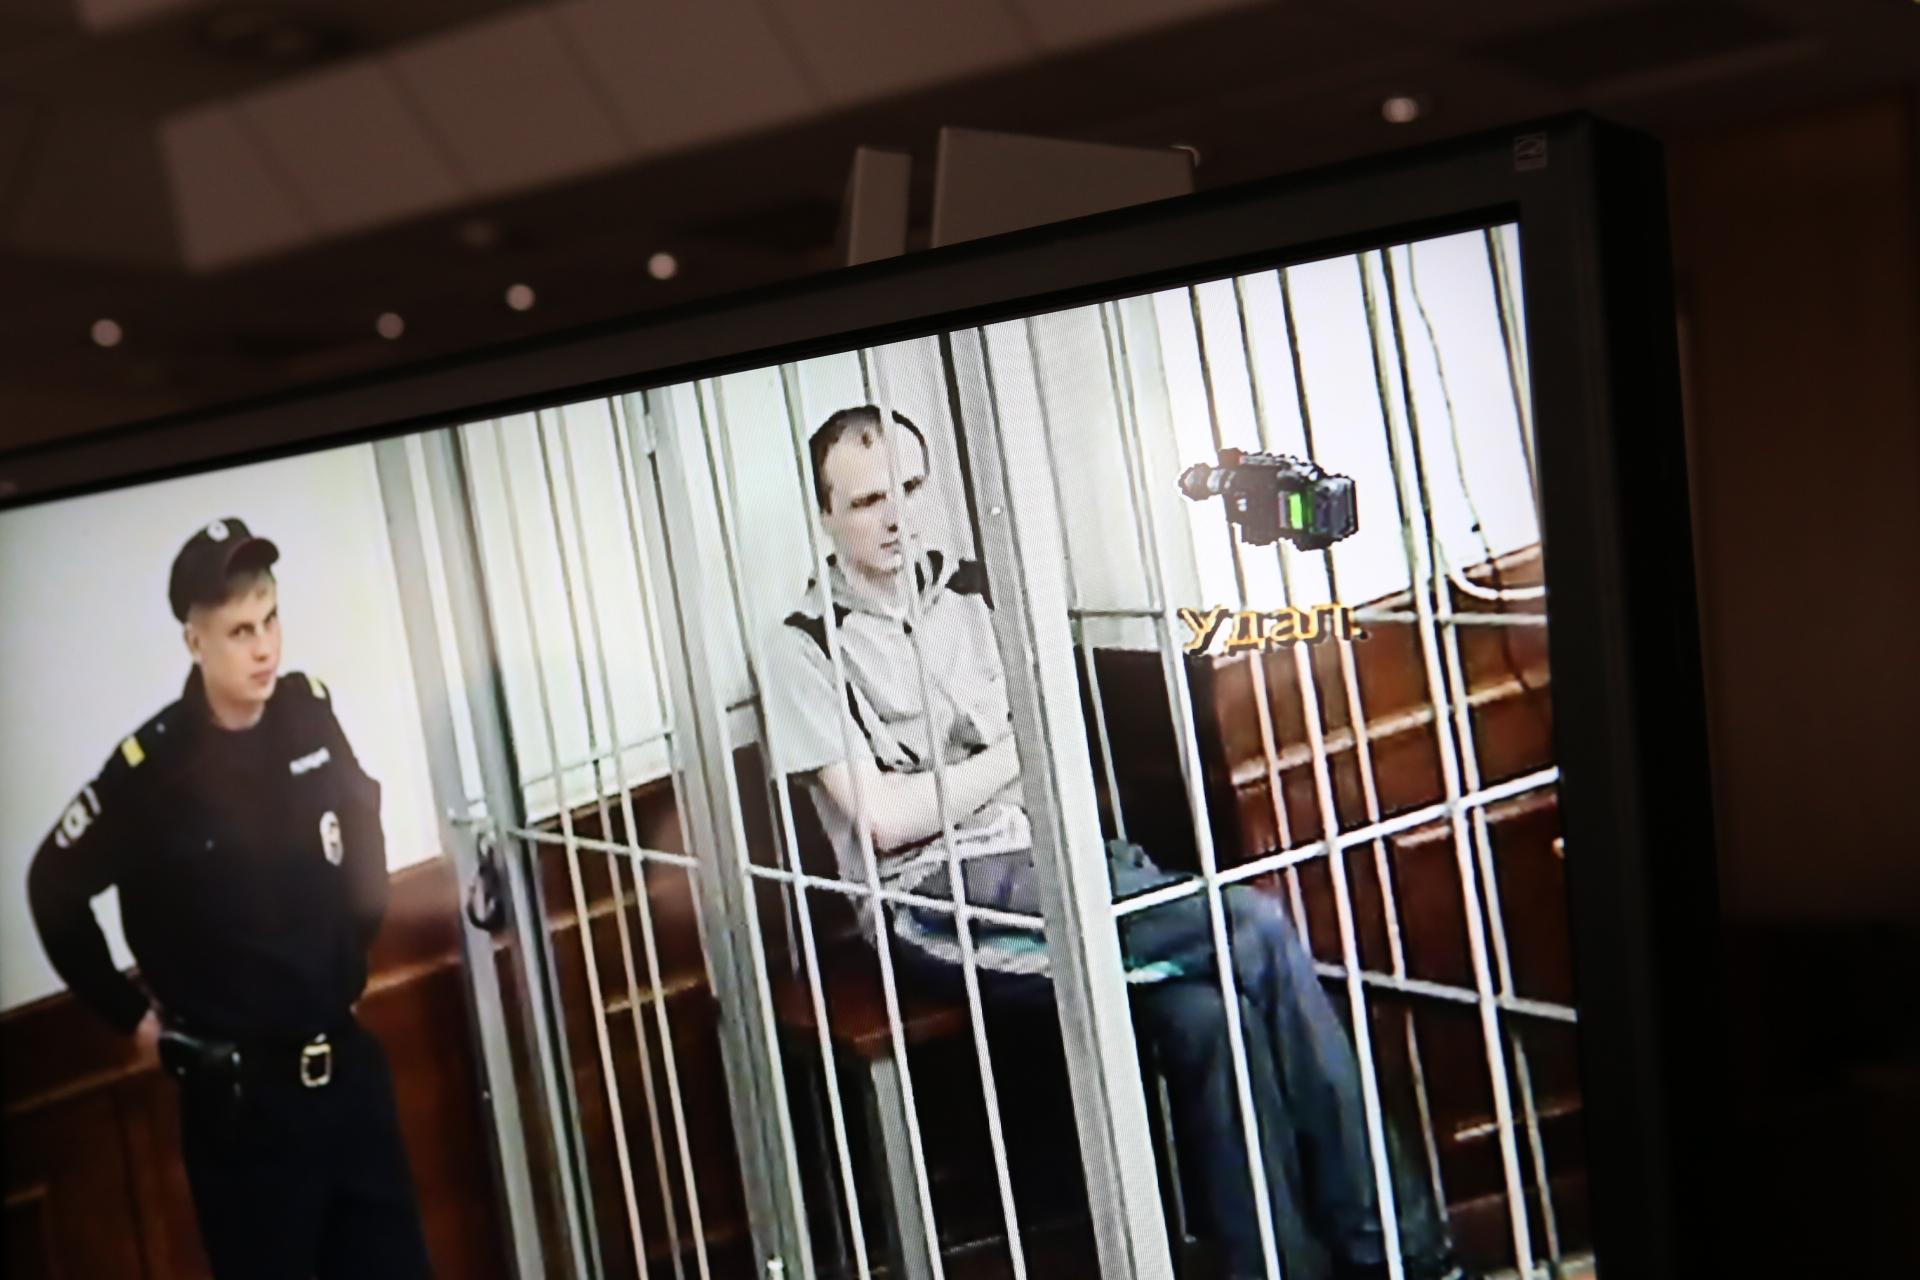 Василий Федорович заключил сделку со следствием и признался в семи убийствах